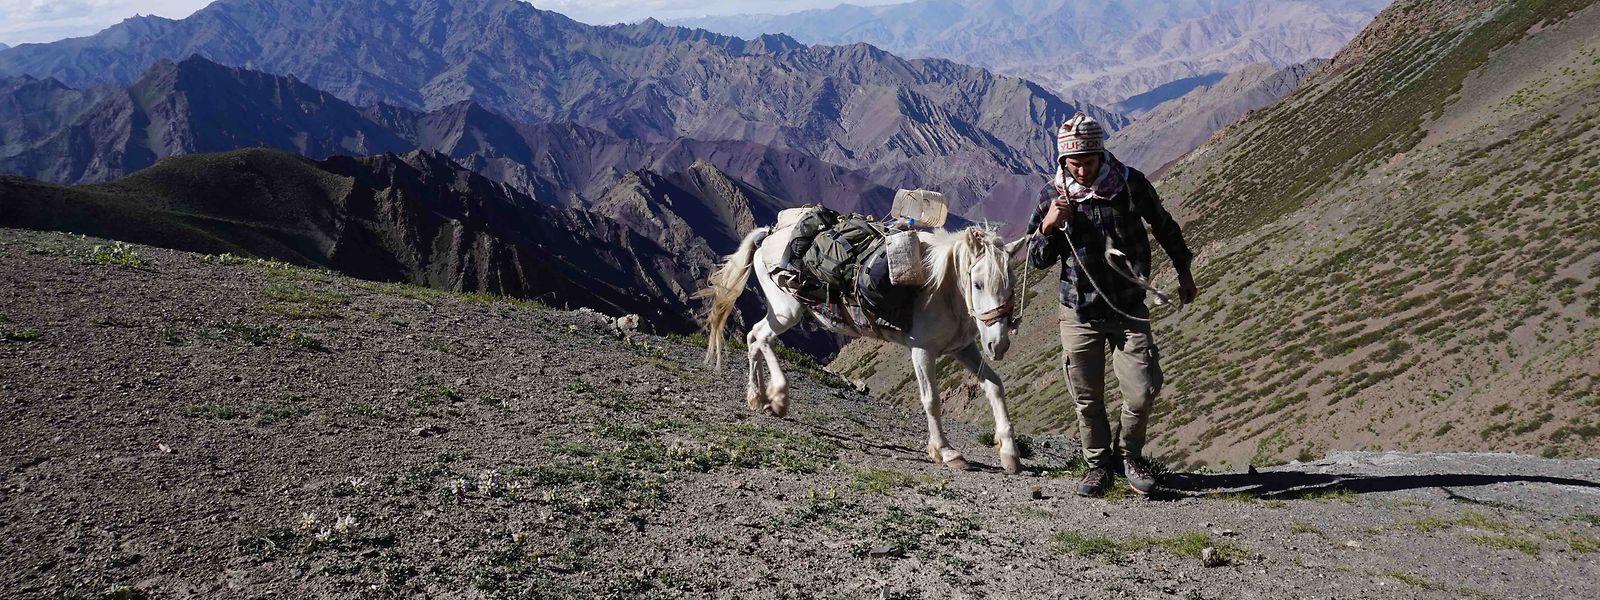 Unterwegs auf dem Dach der Welt: Der französische Abenteurer Eliott Schonfeld hat den Himalaja von West nach Ost durchquert.